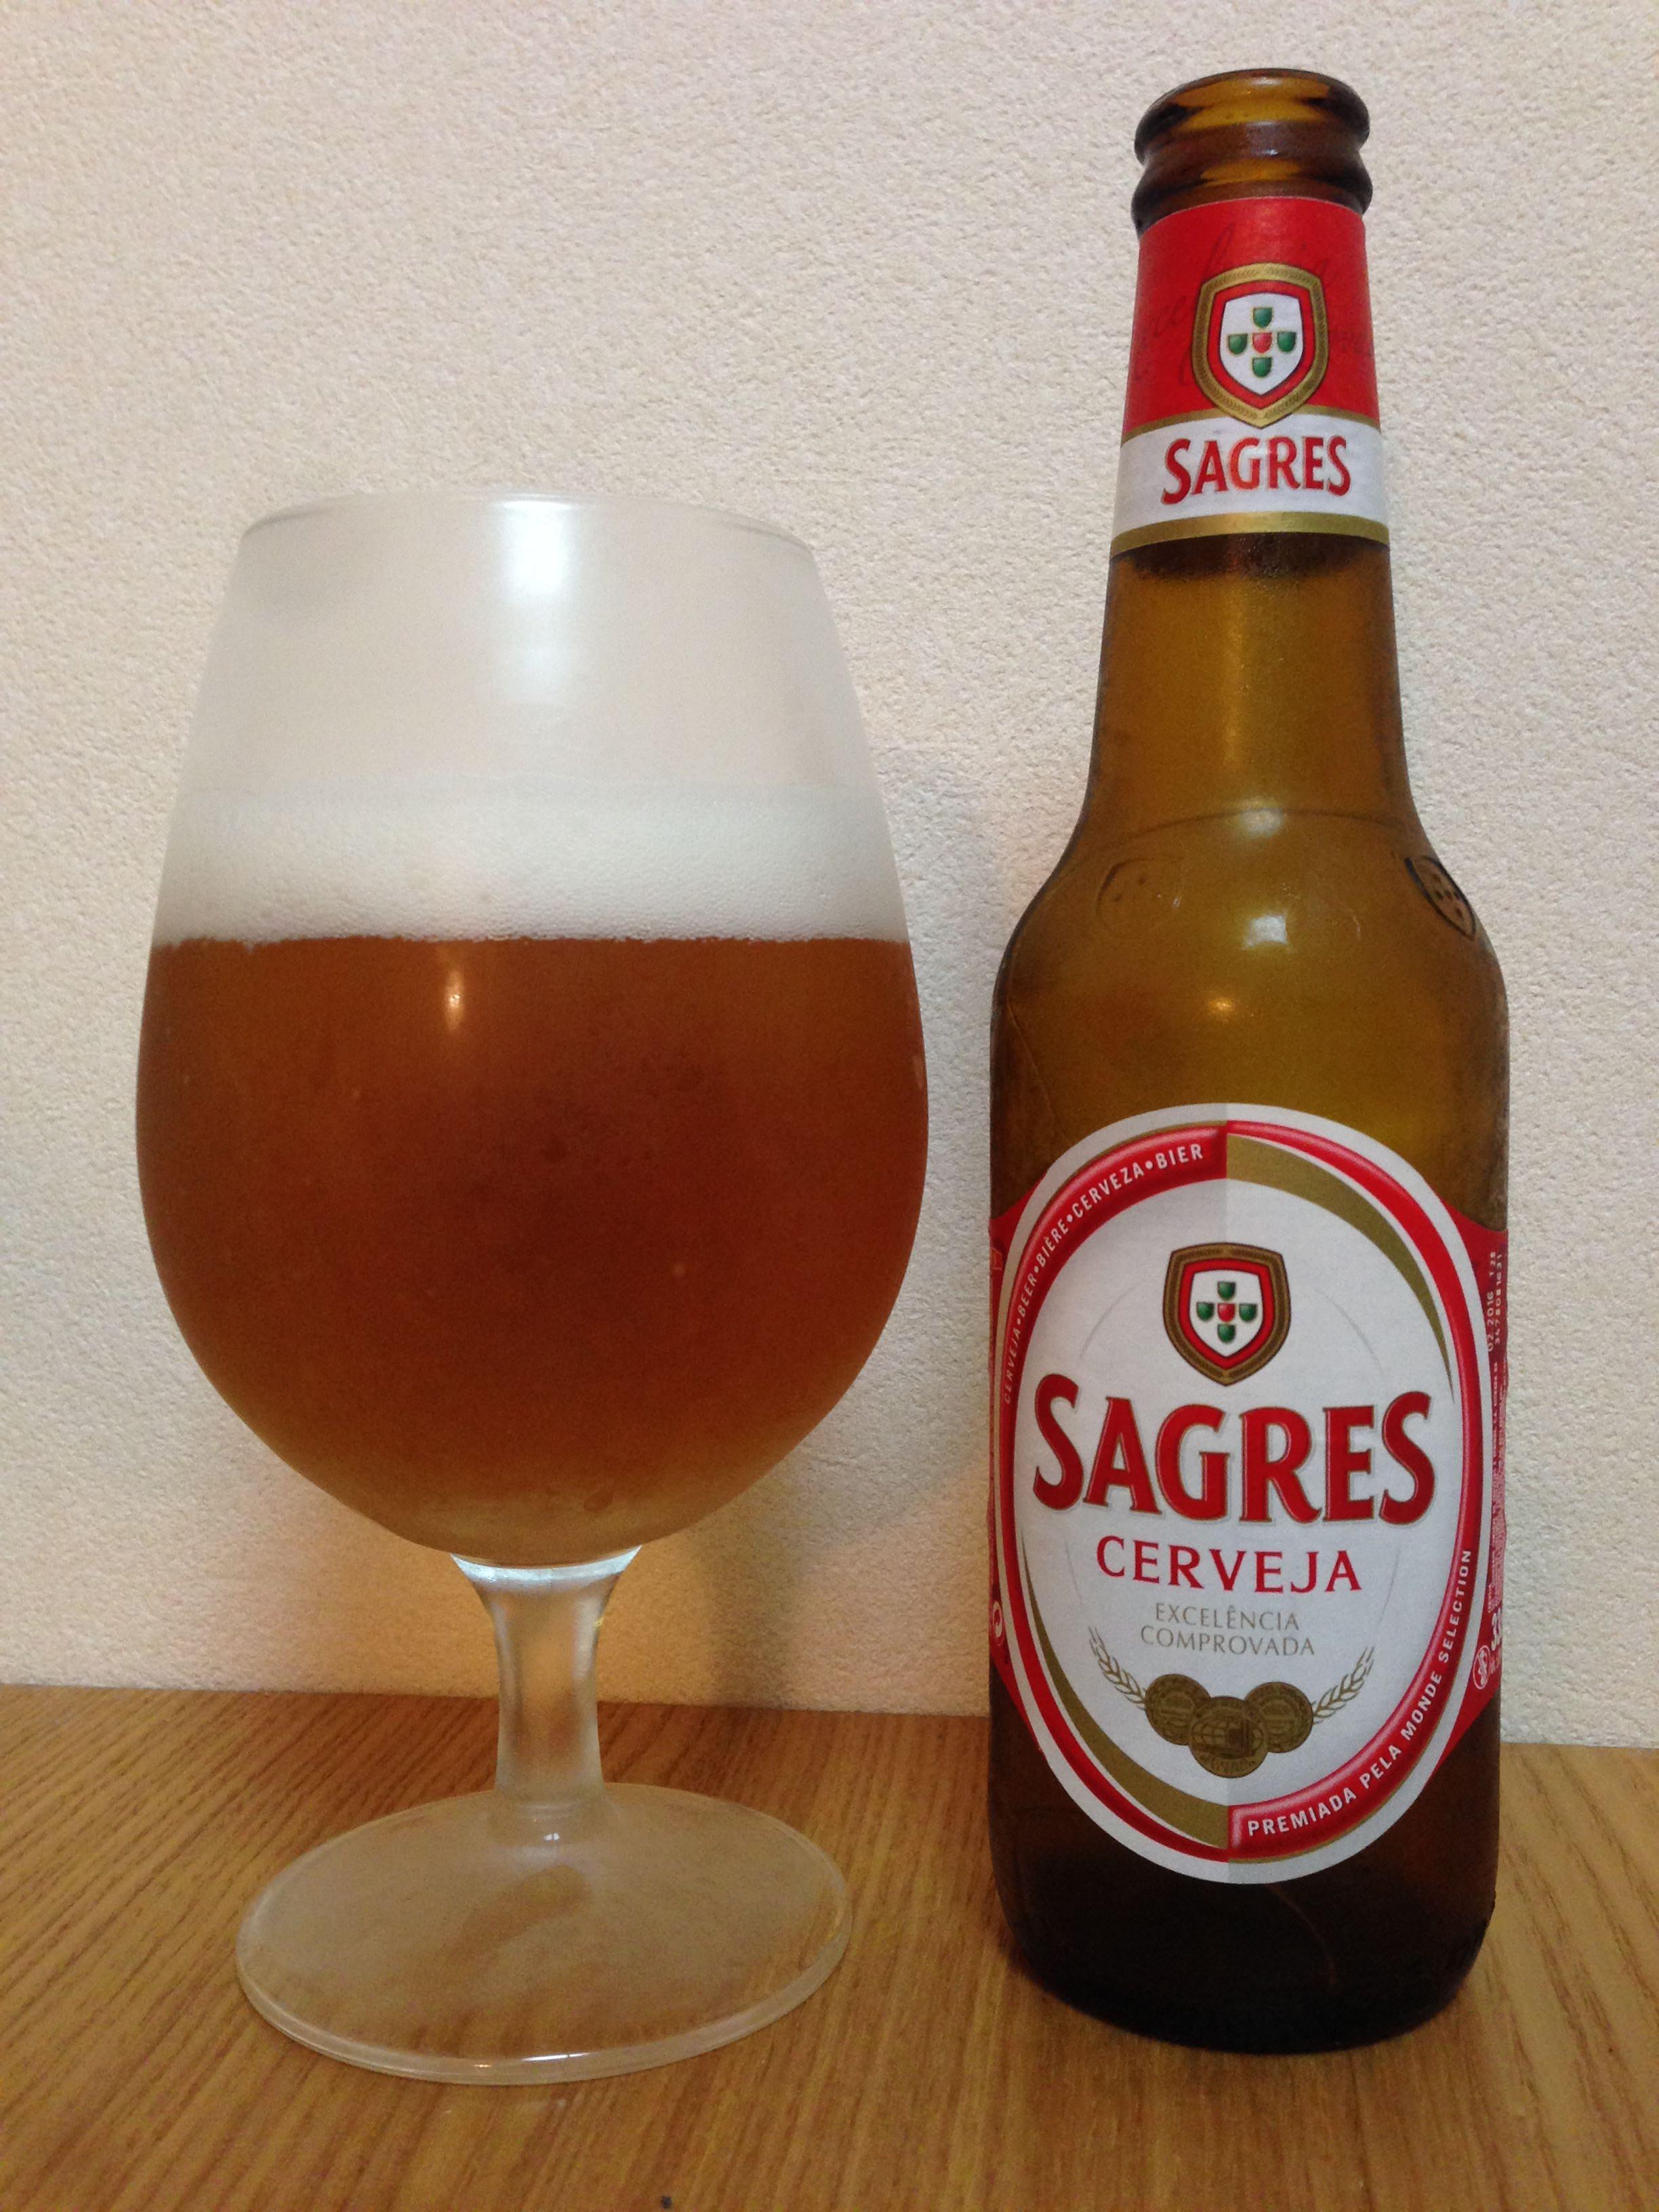 SAGRES CERVEJA(サグレス セルベージャ)